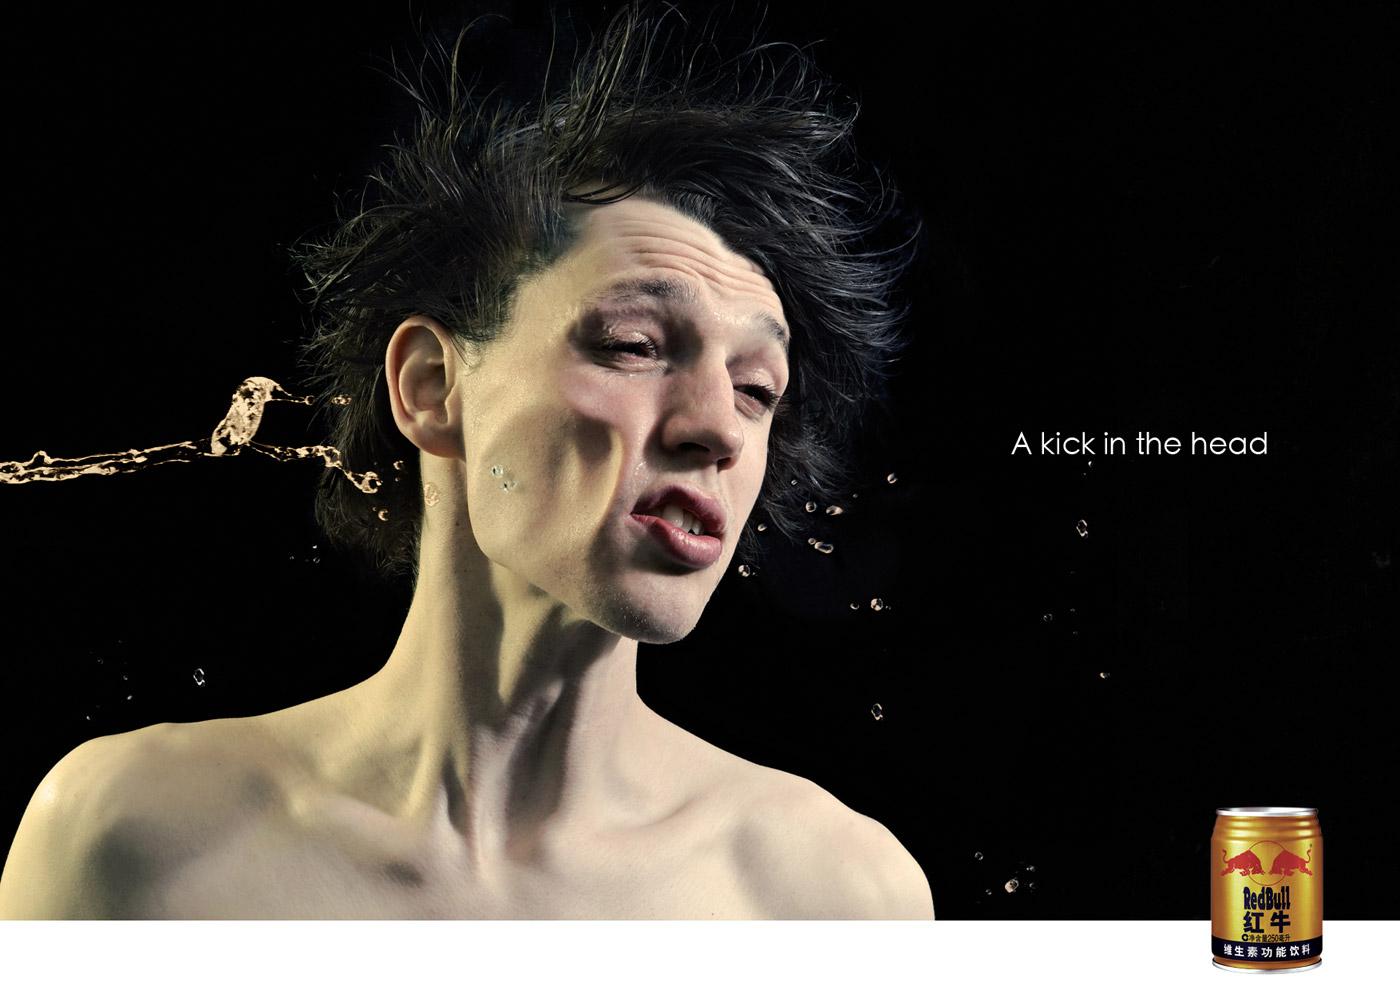 国内创意广告-设计欣赏-素材中国-online.sccnn.com图片